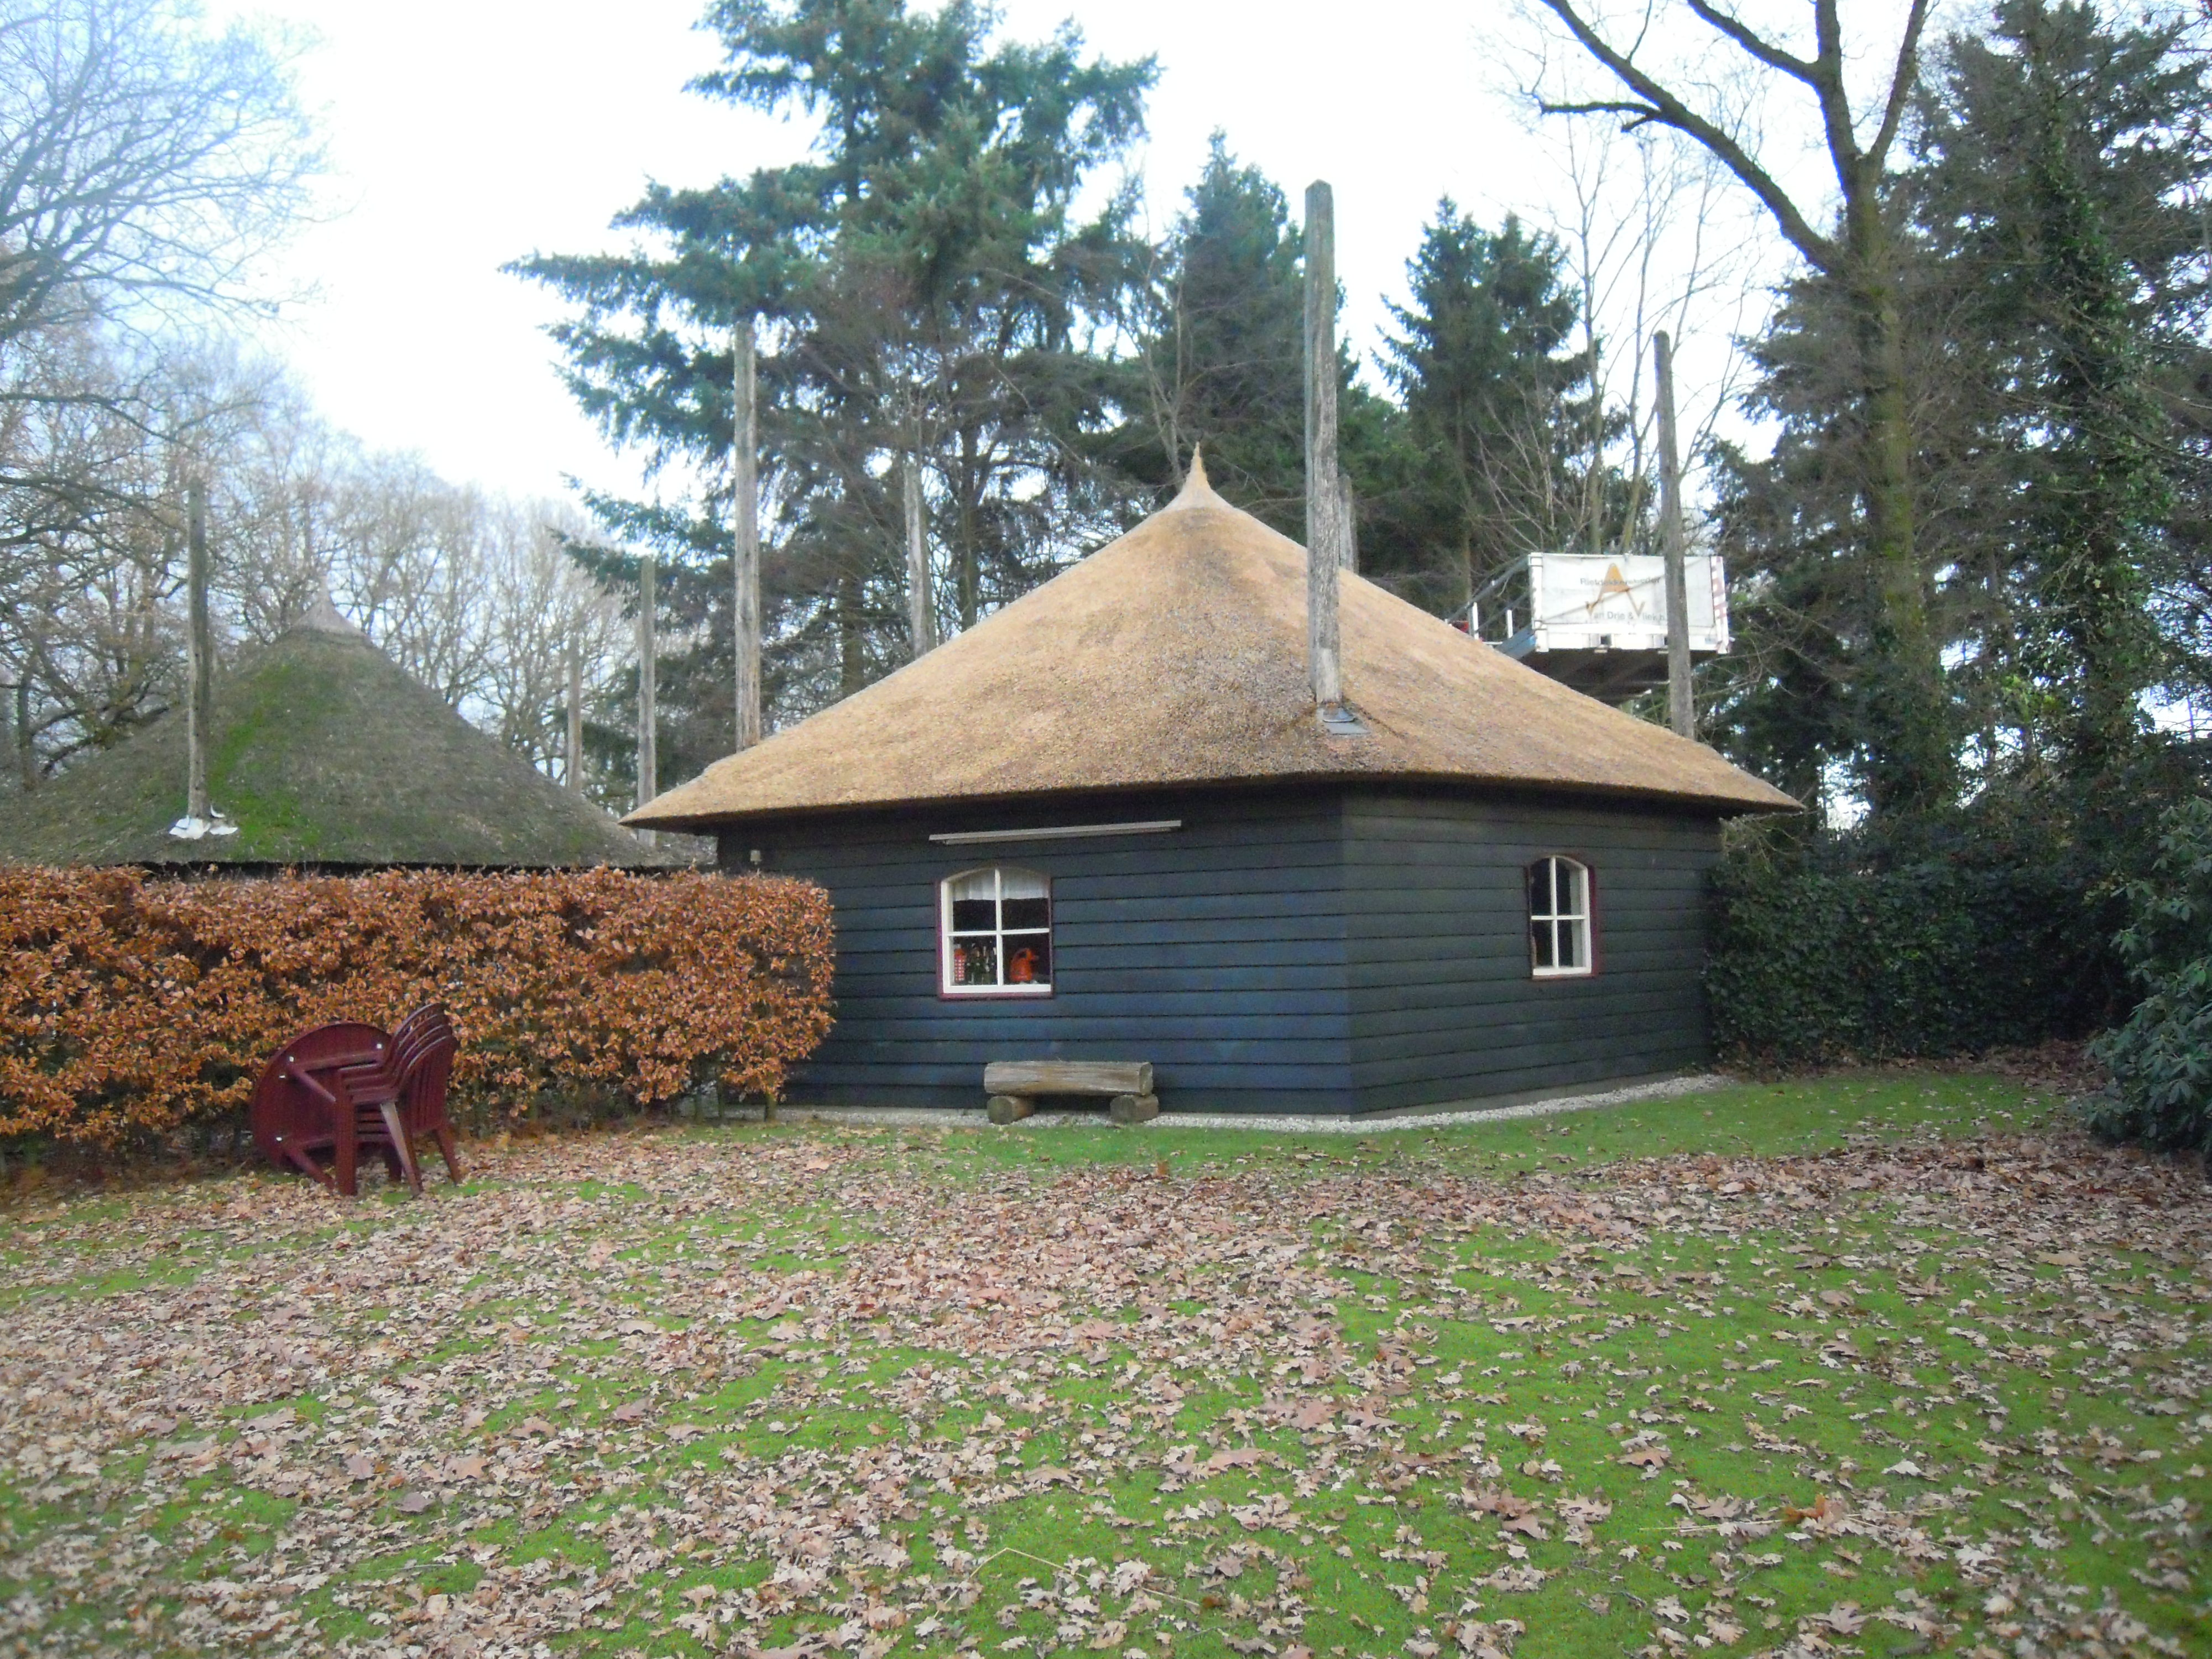 Wat zijn de kosten van een rieten dak kosten rieten dak